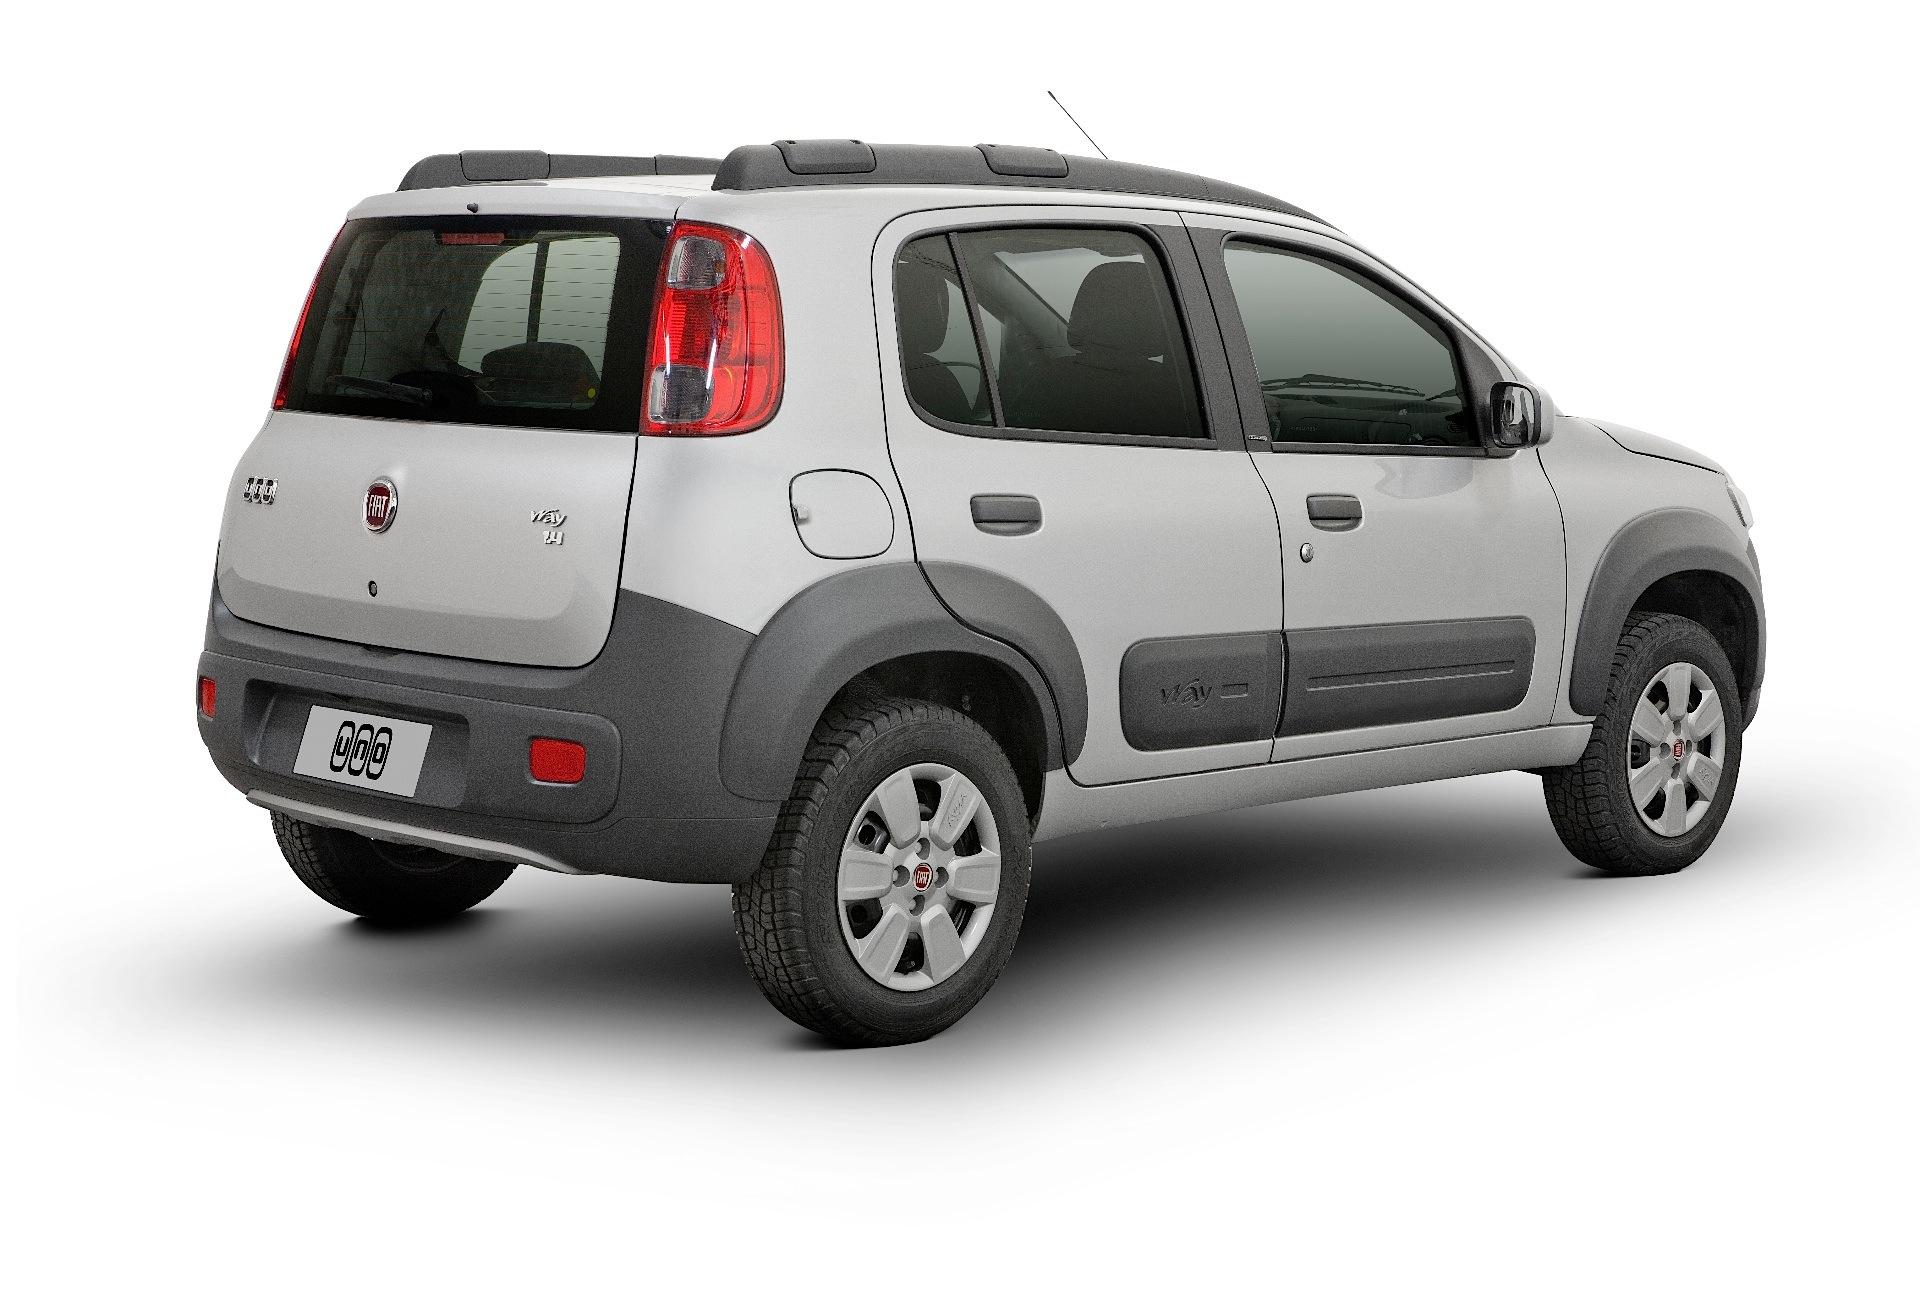 Fiat Uno Specs Amp Photos 2010 2011 2012 2013 2014